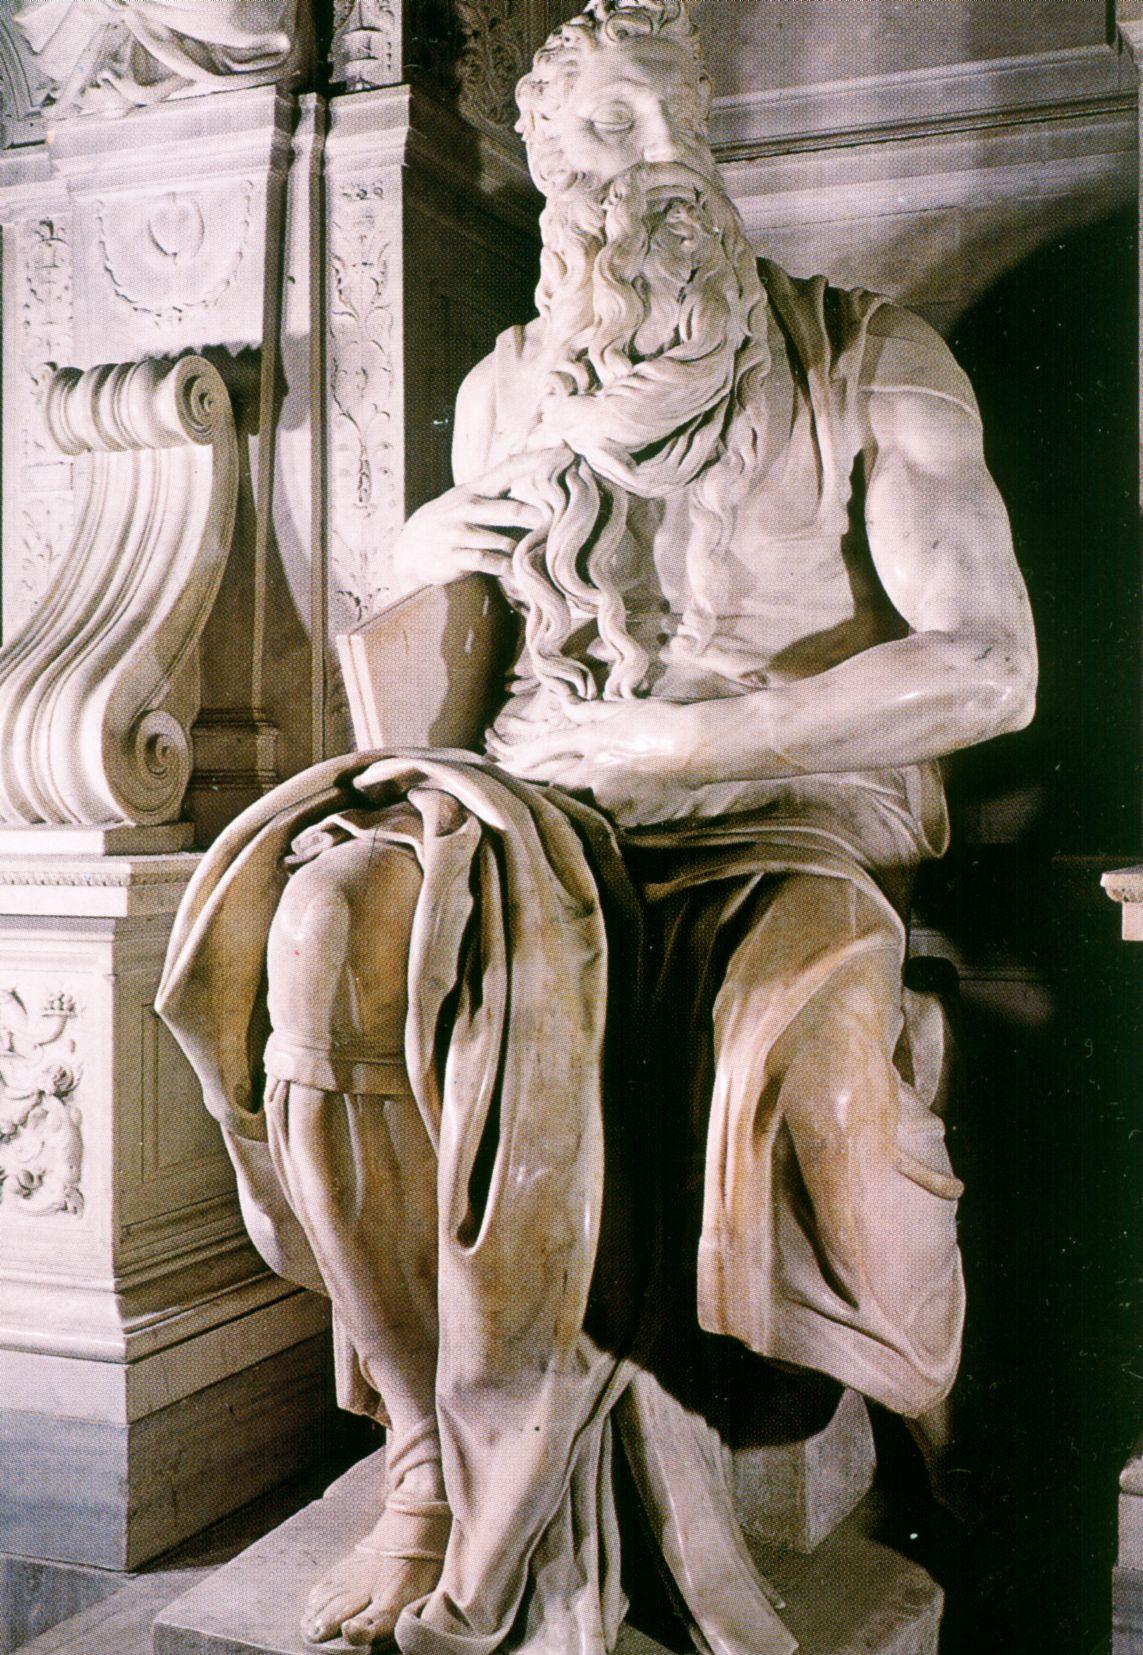 Itálie - Řím - Michelangelova socha Mojžíše (1514-16) v S.Pietro in Vincoli